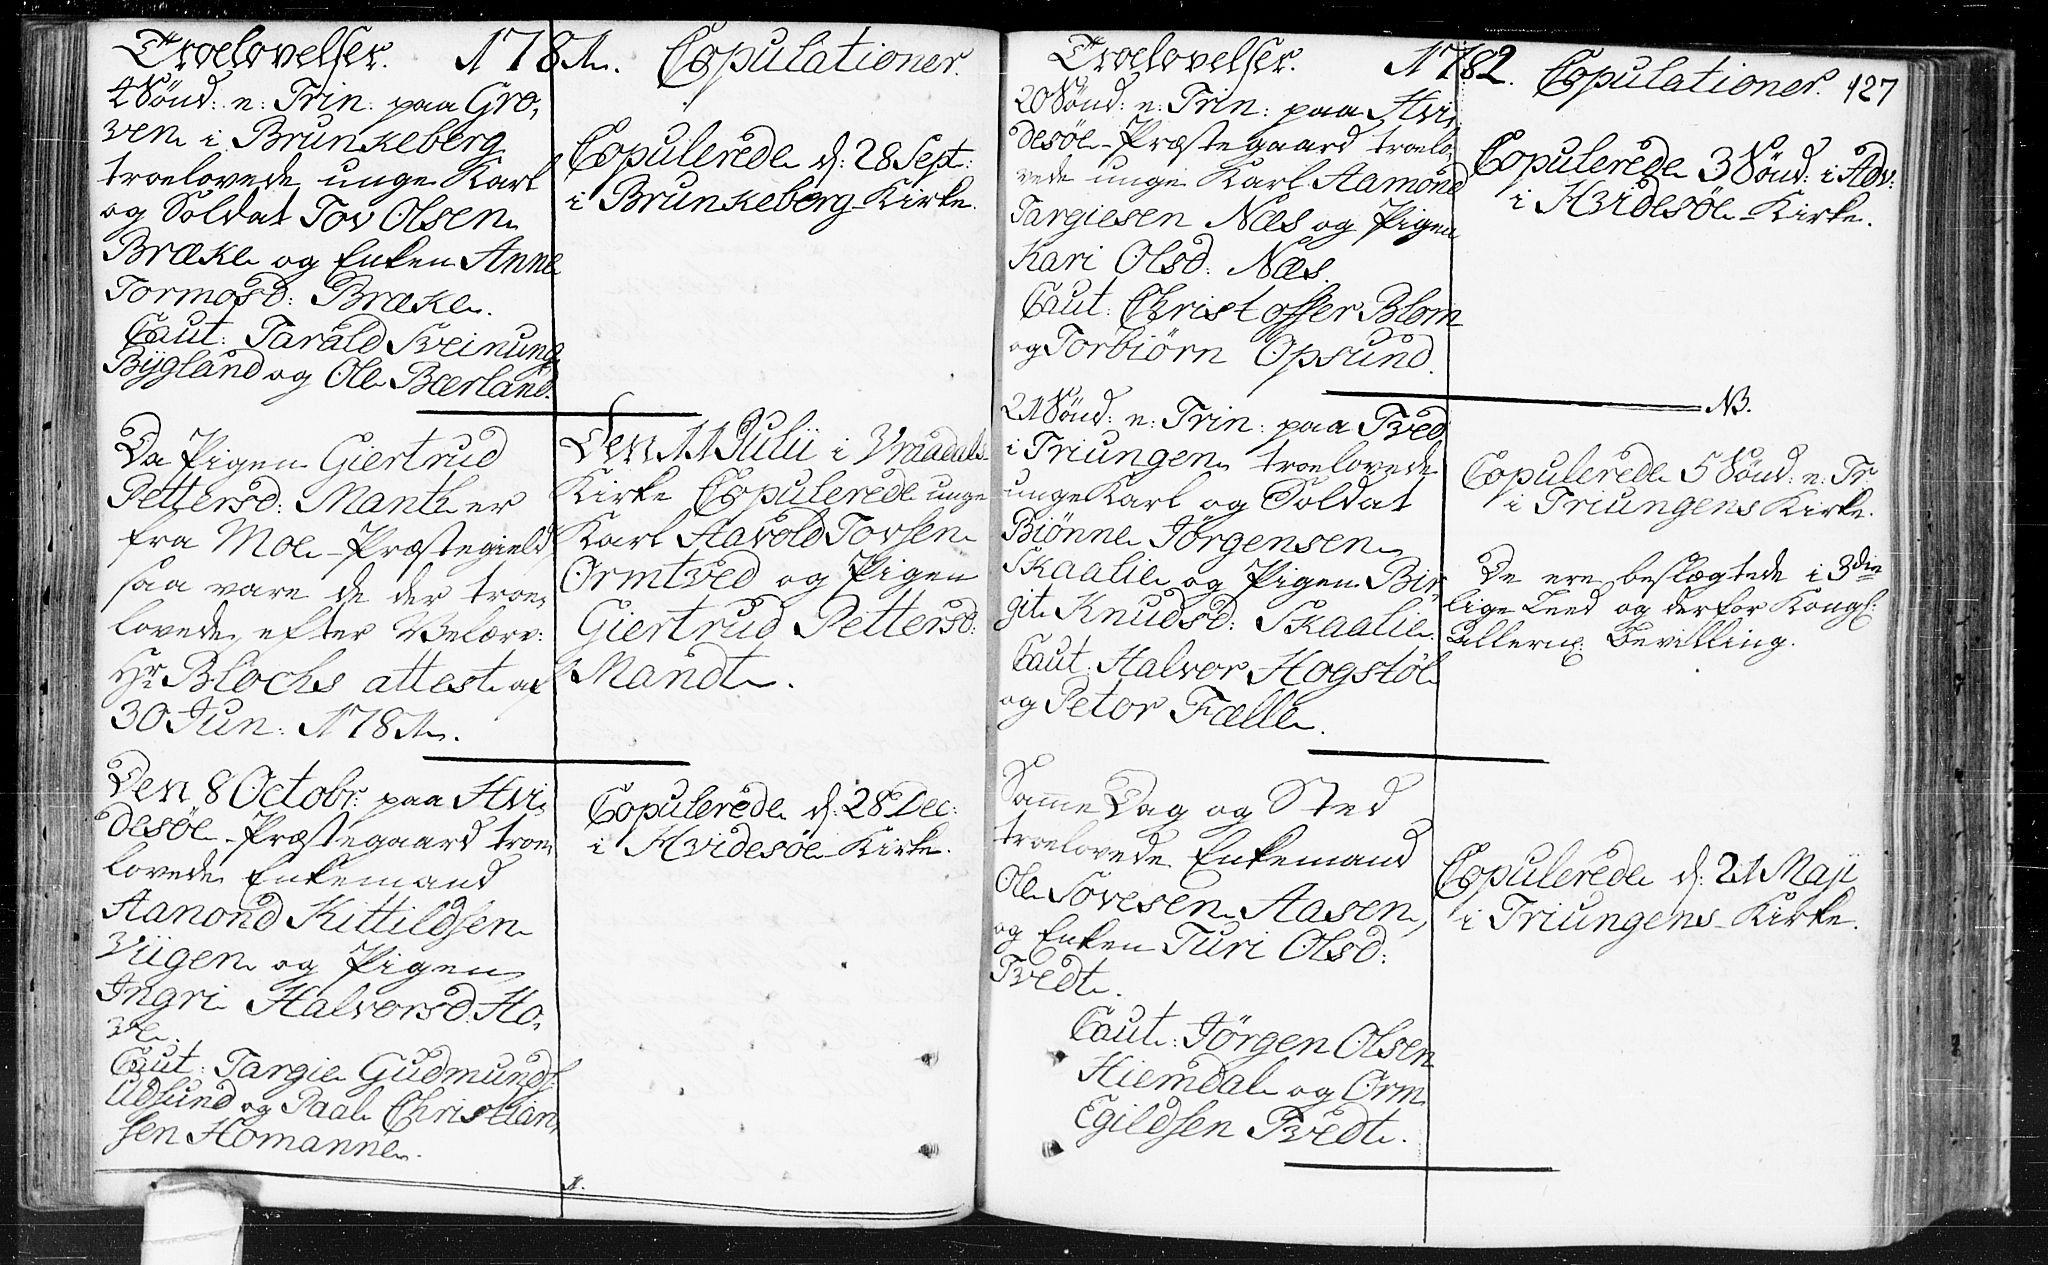 SAKO, Kviteseid kirkebøker, F/Fa/L0002: Ministerialbok nr. I 2, 1773-1786, s. 127